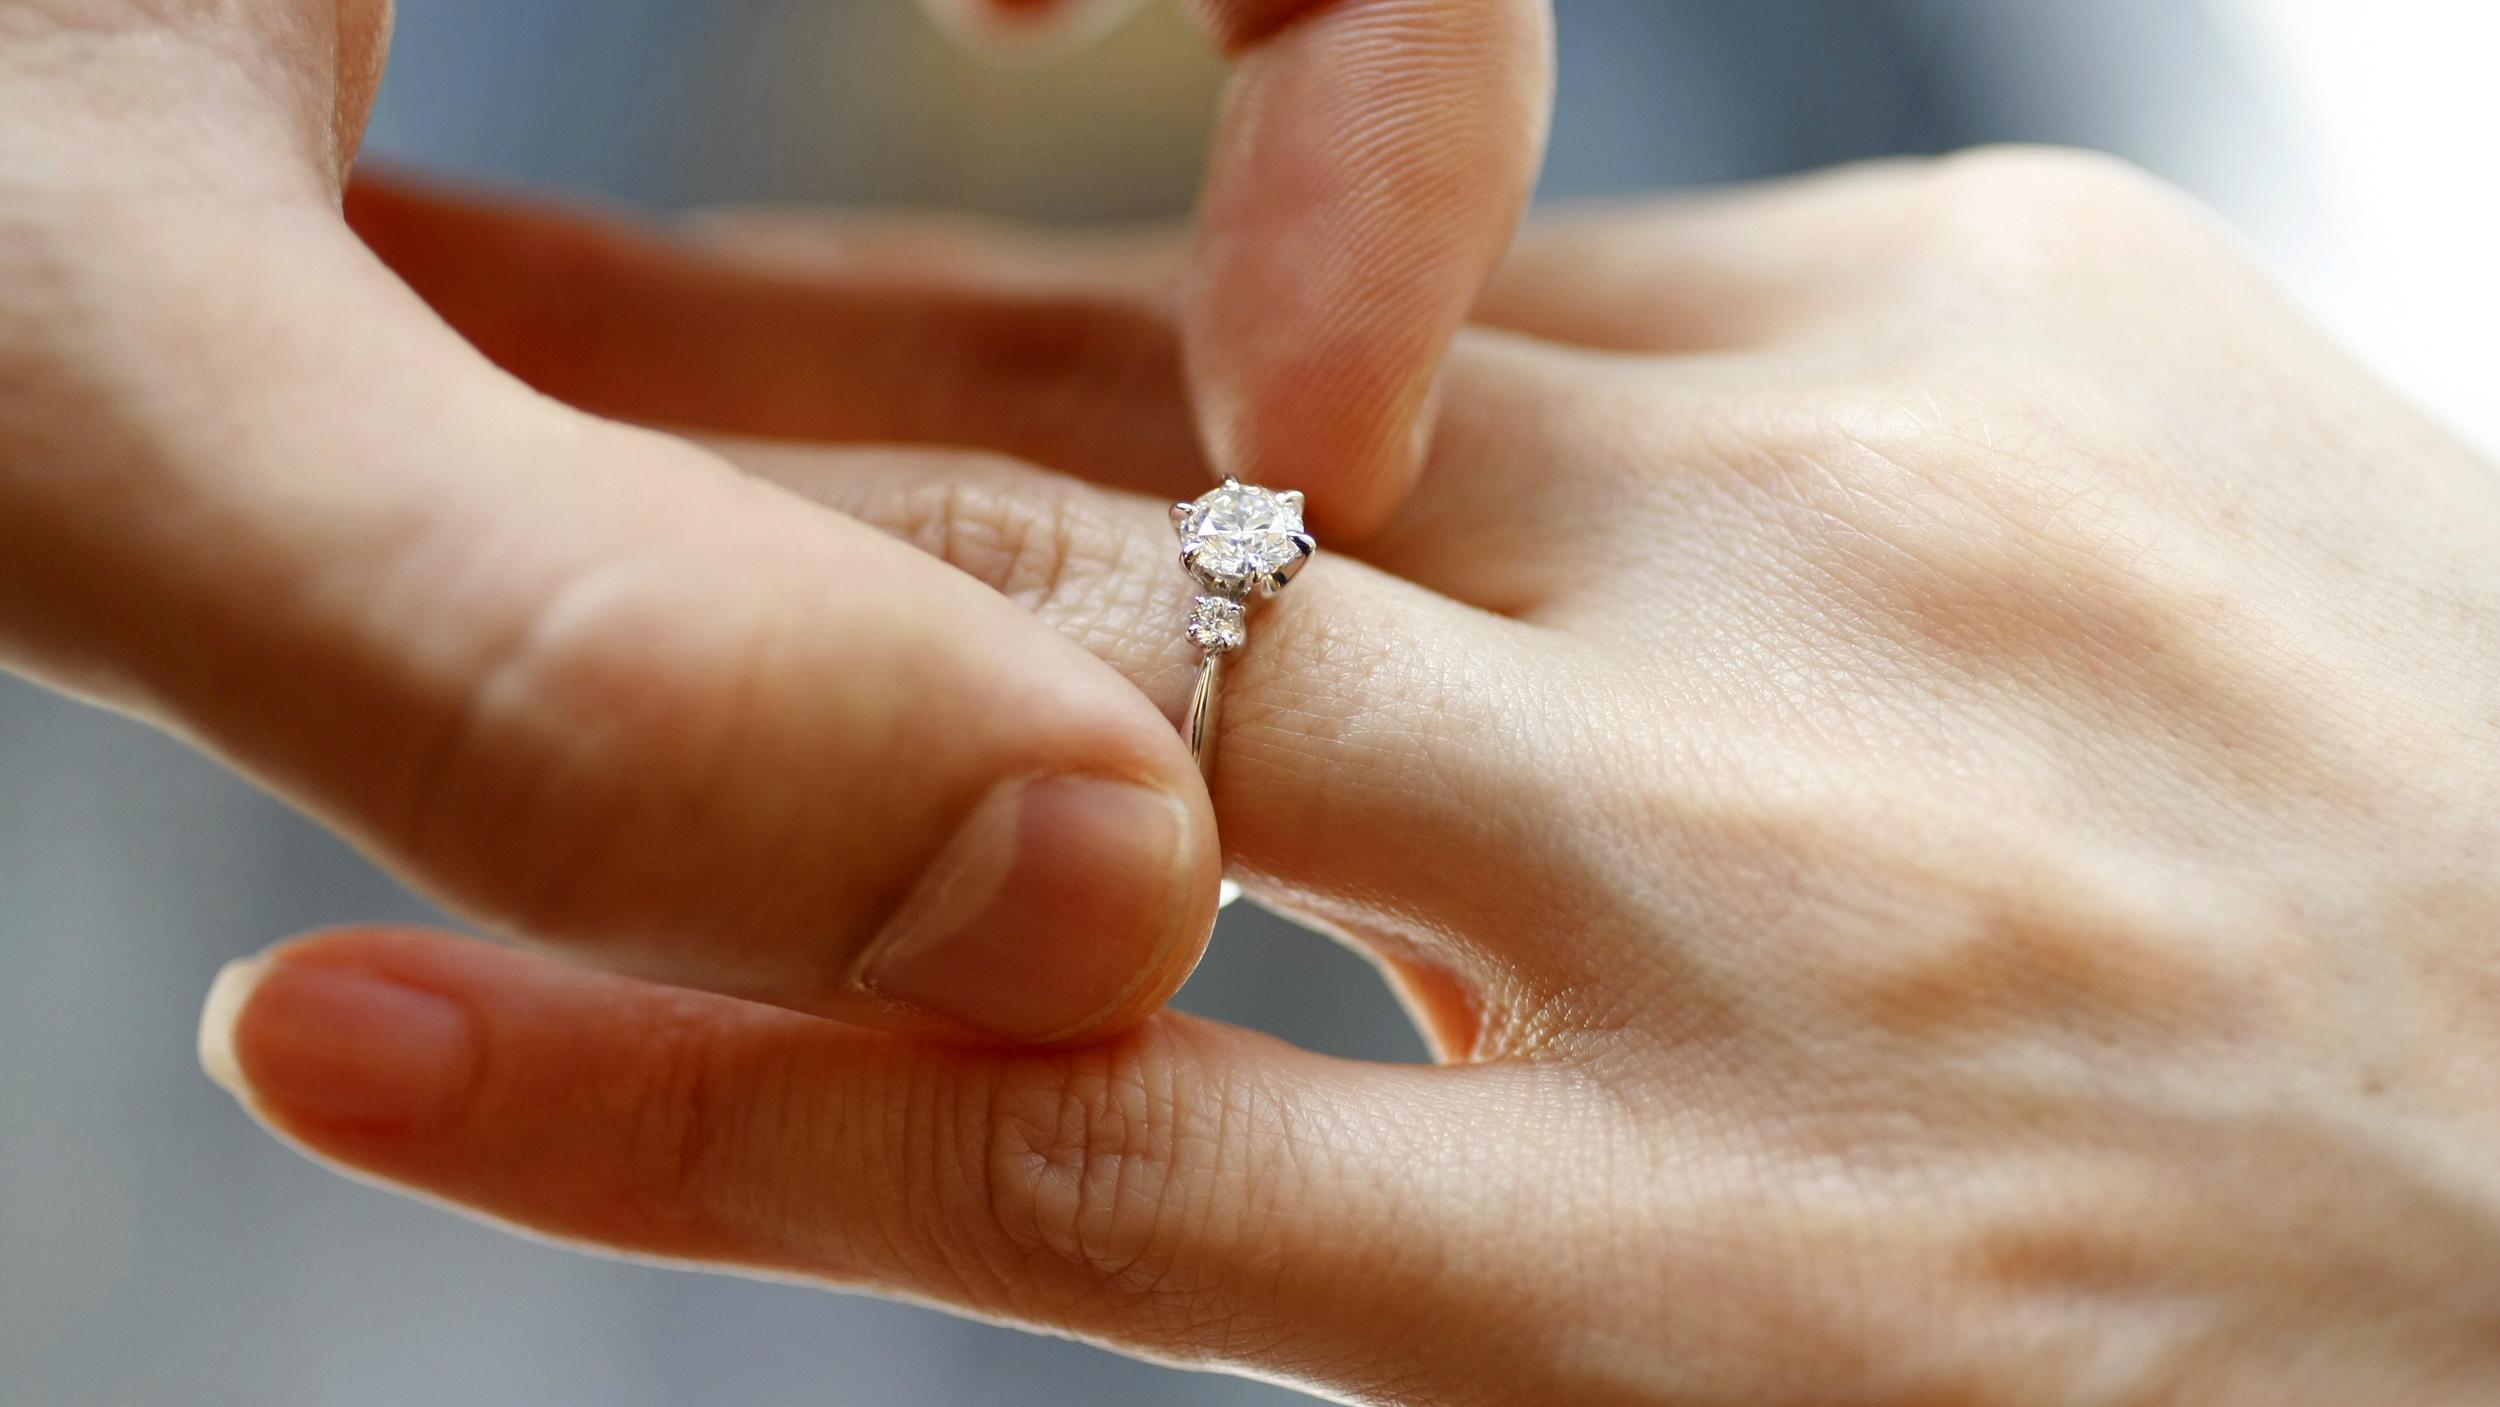 Как почистить белое золото с бриллиантом в домашних условиях